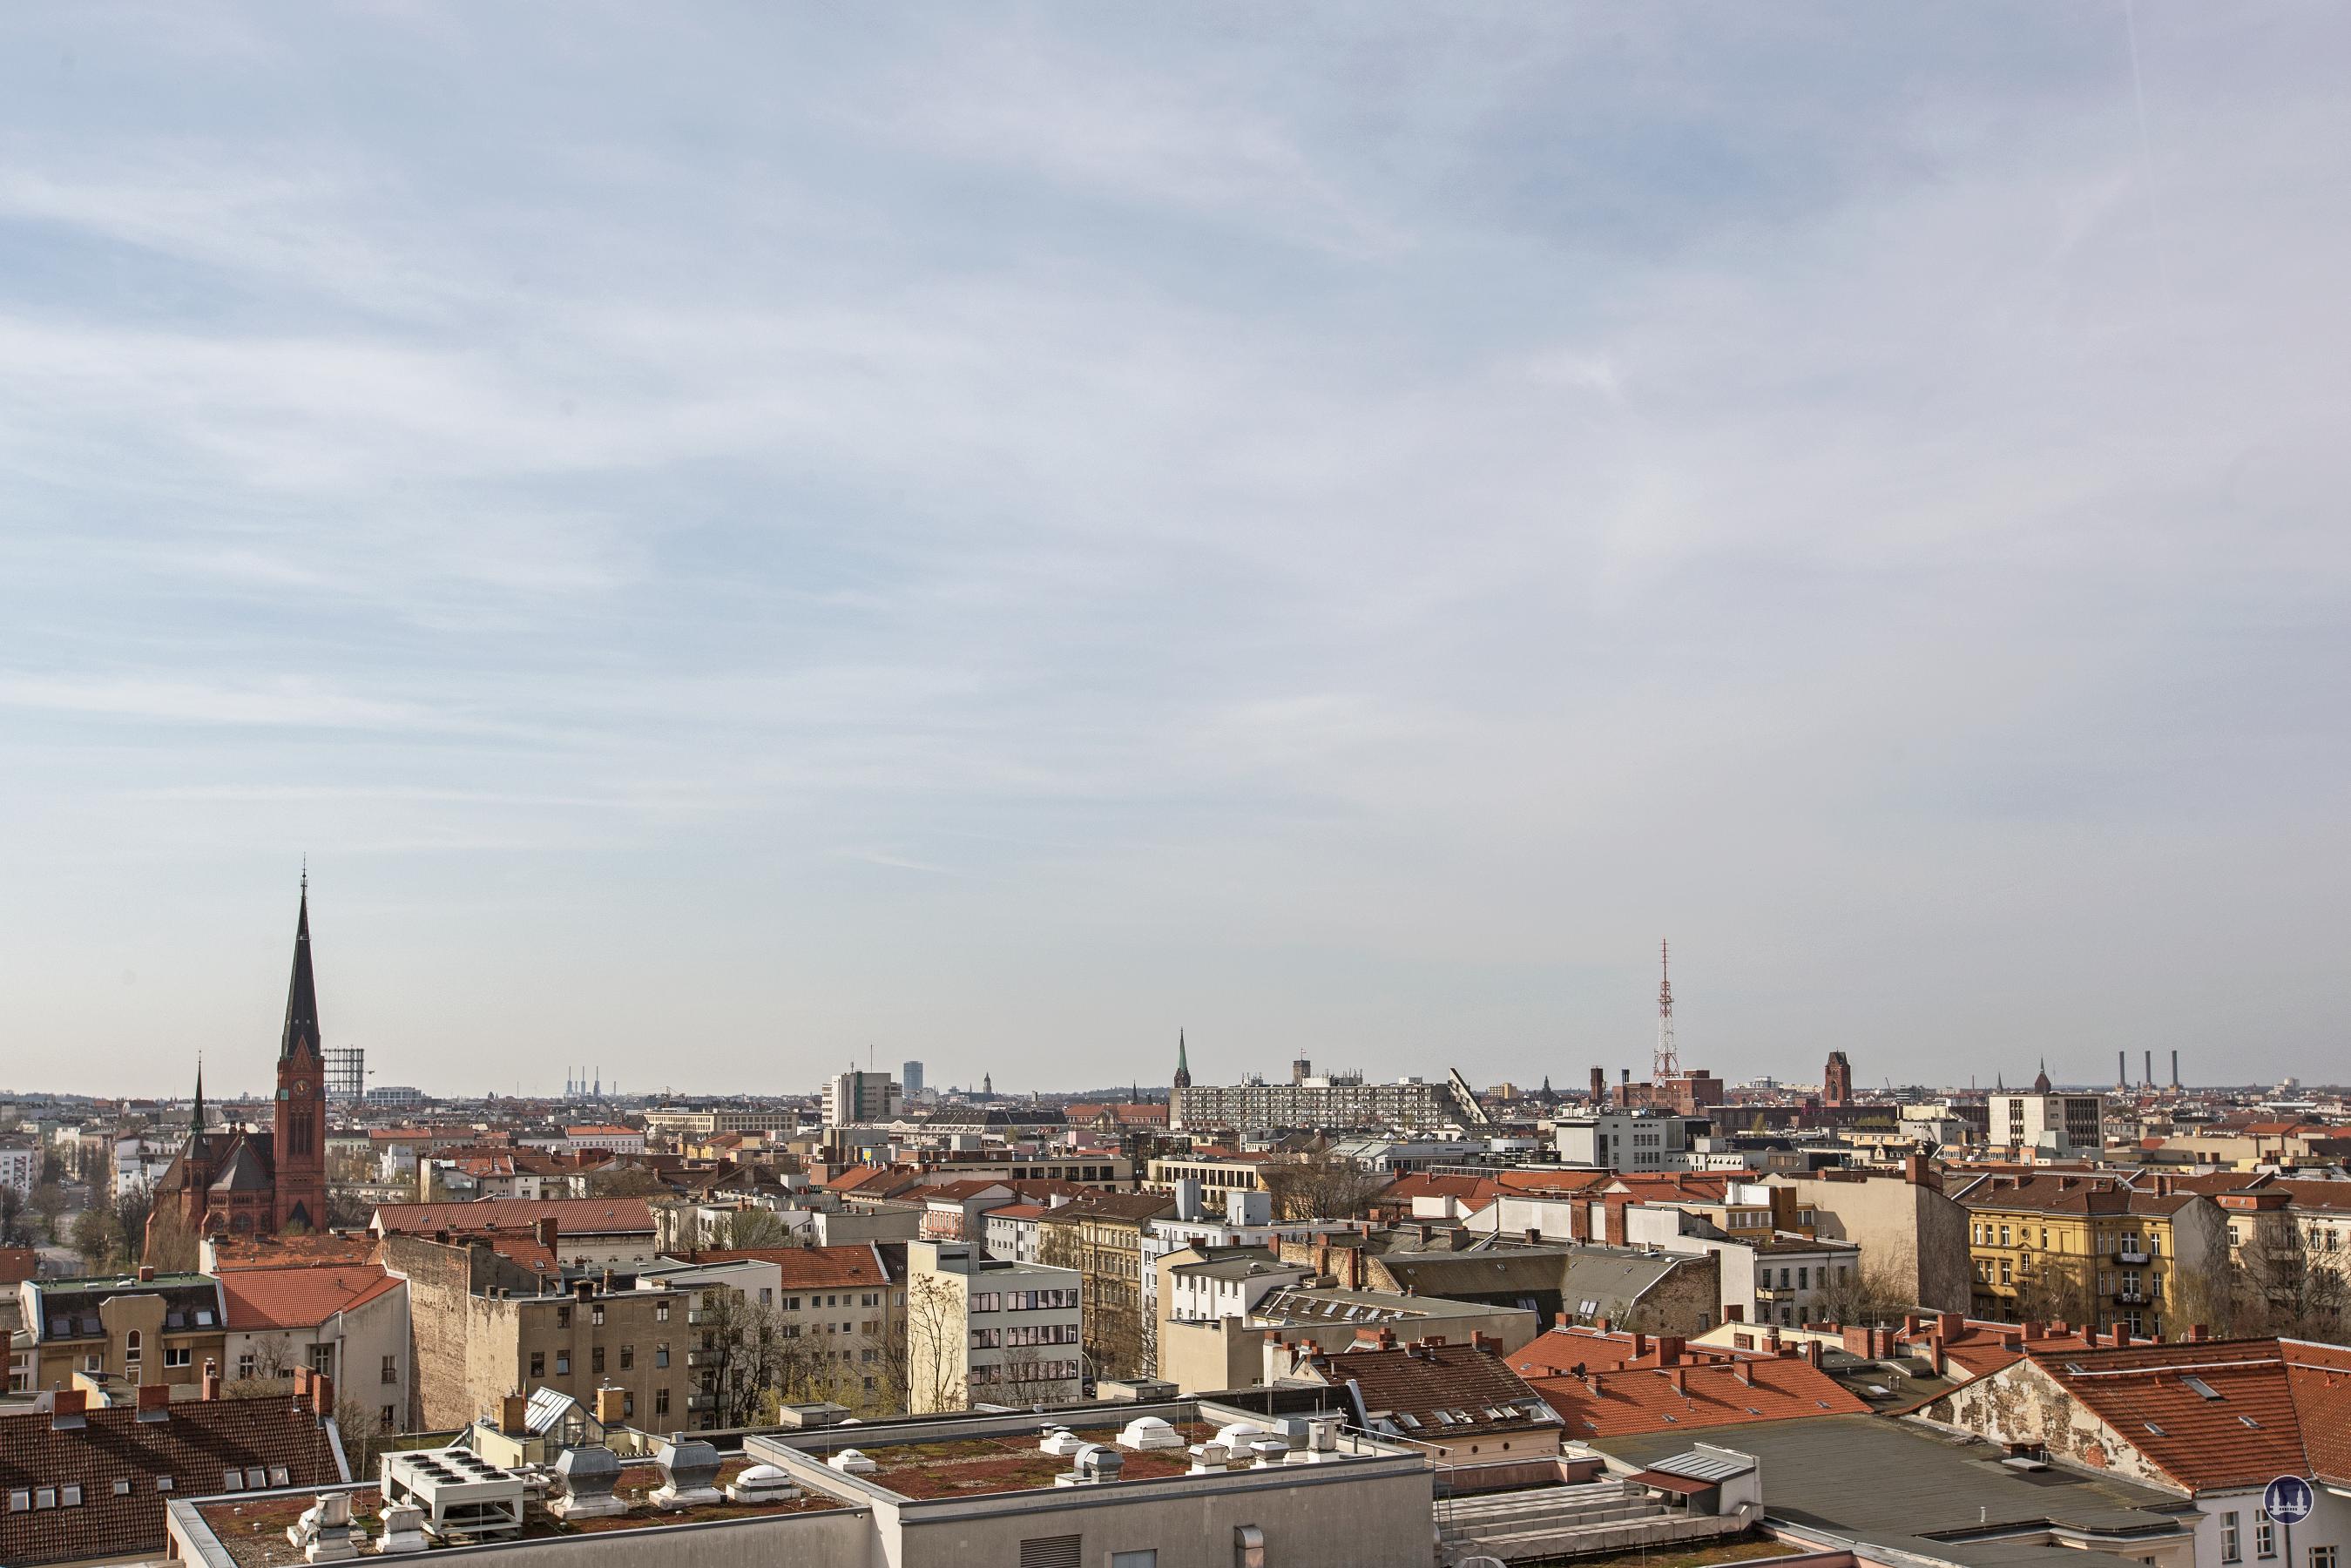 Dach der Lützowstraße. Lutherkirche und Heizkraftwerk Wilmersdorf